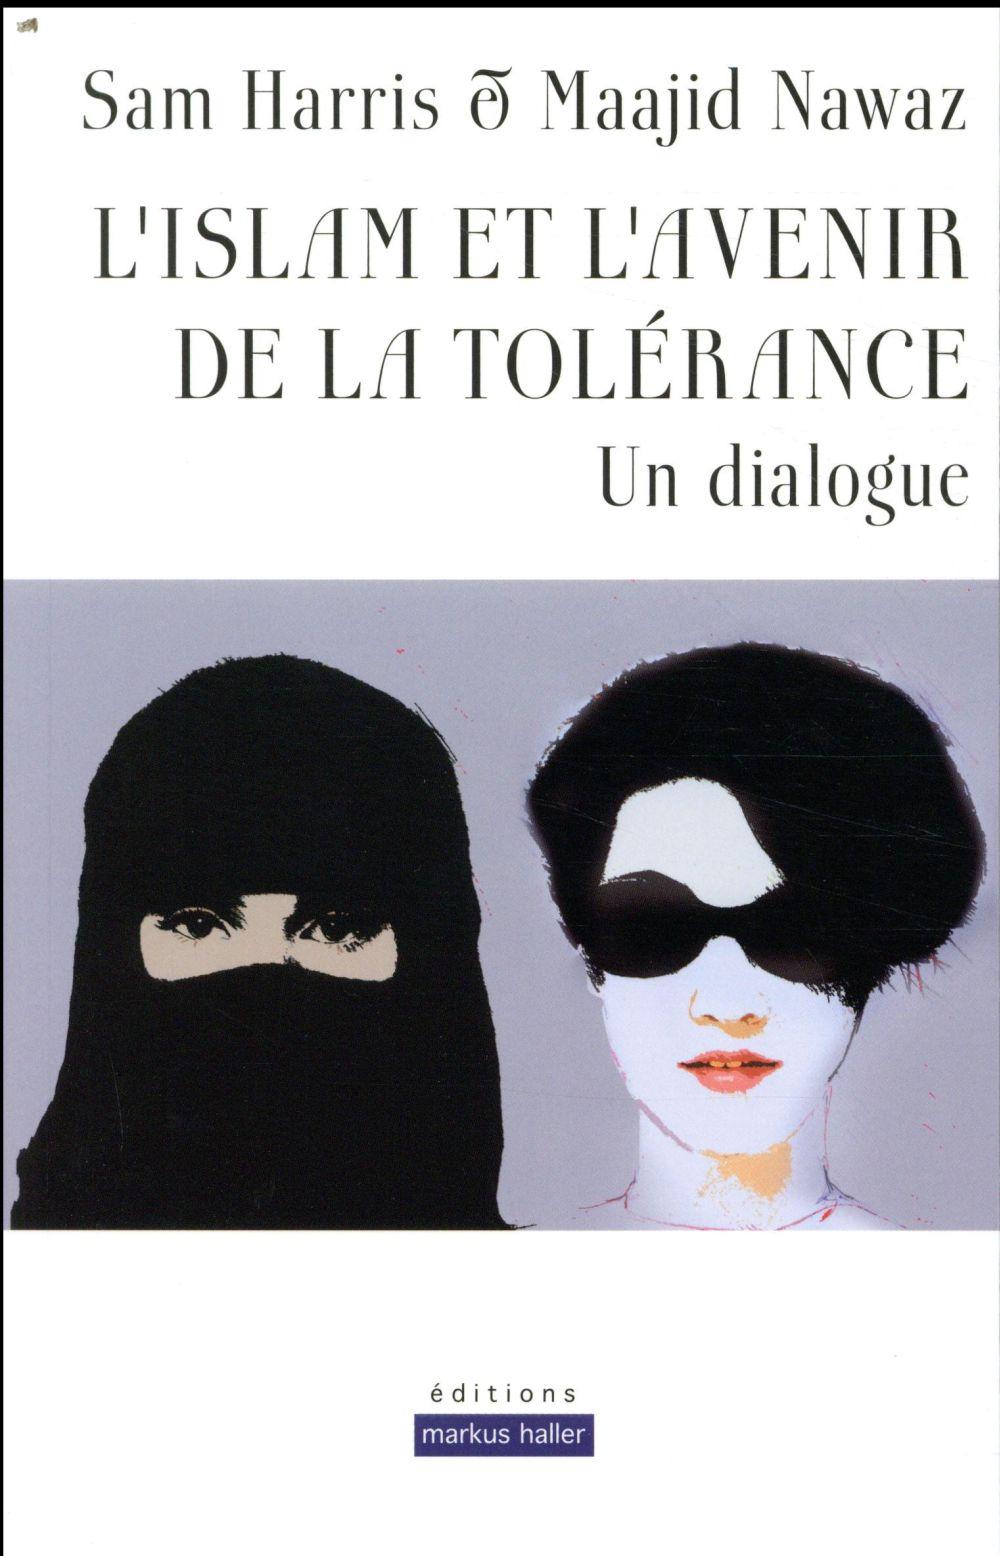 l'Islam et l'avenir de la tolérance ; de l'autonomie des sociétés groupées à l'unité patrimoniale du groupe Actu 34